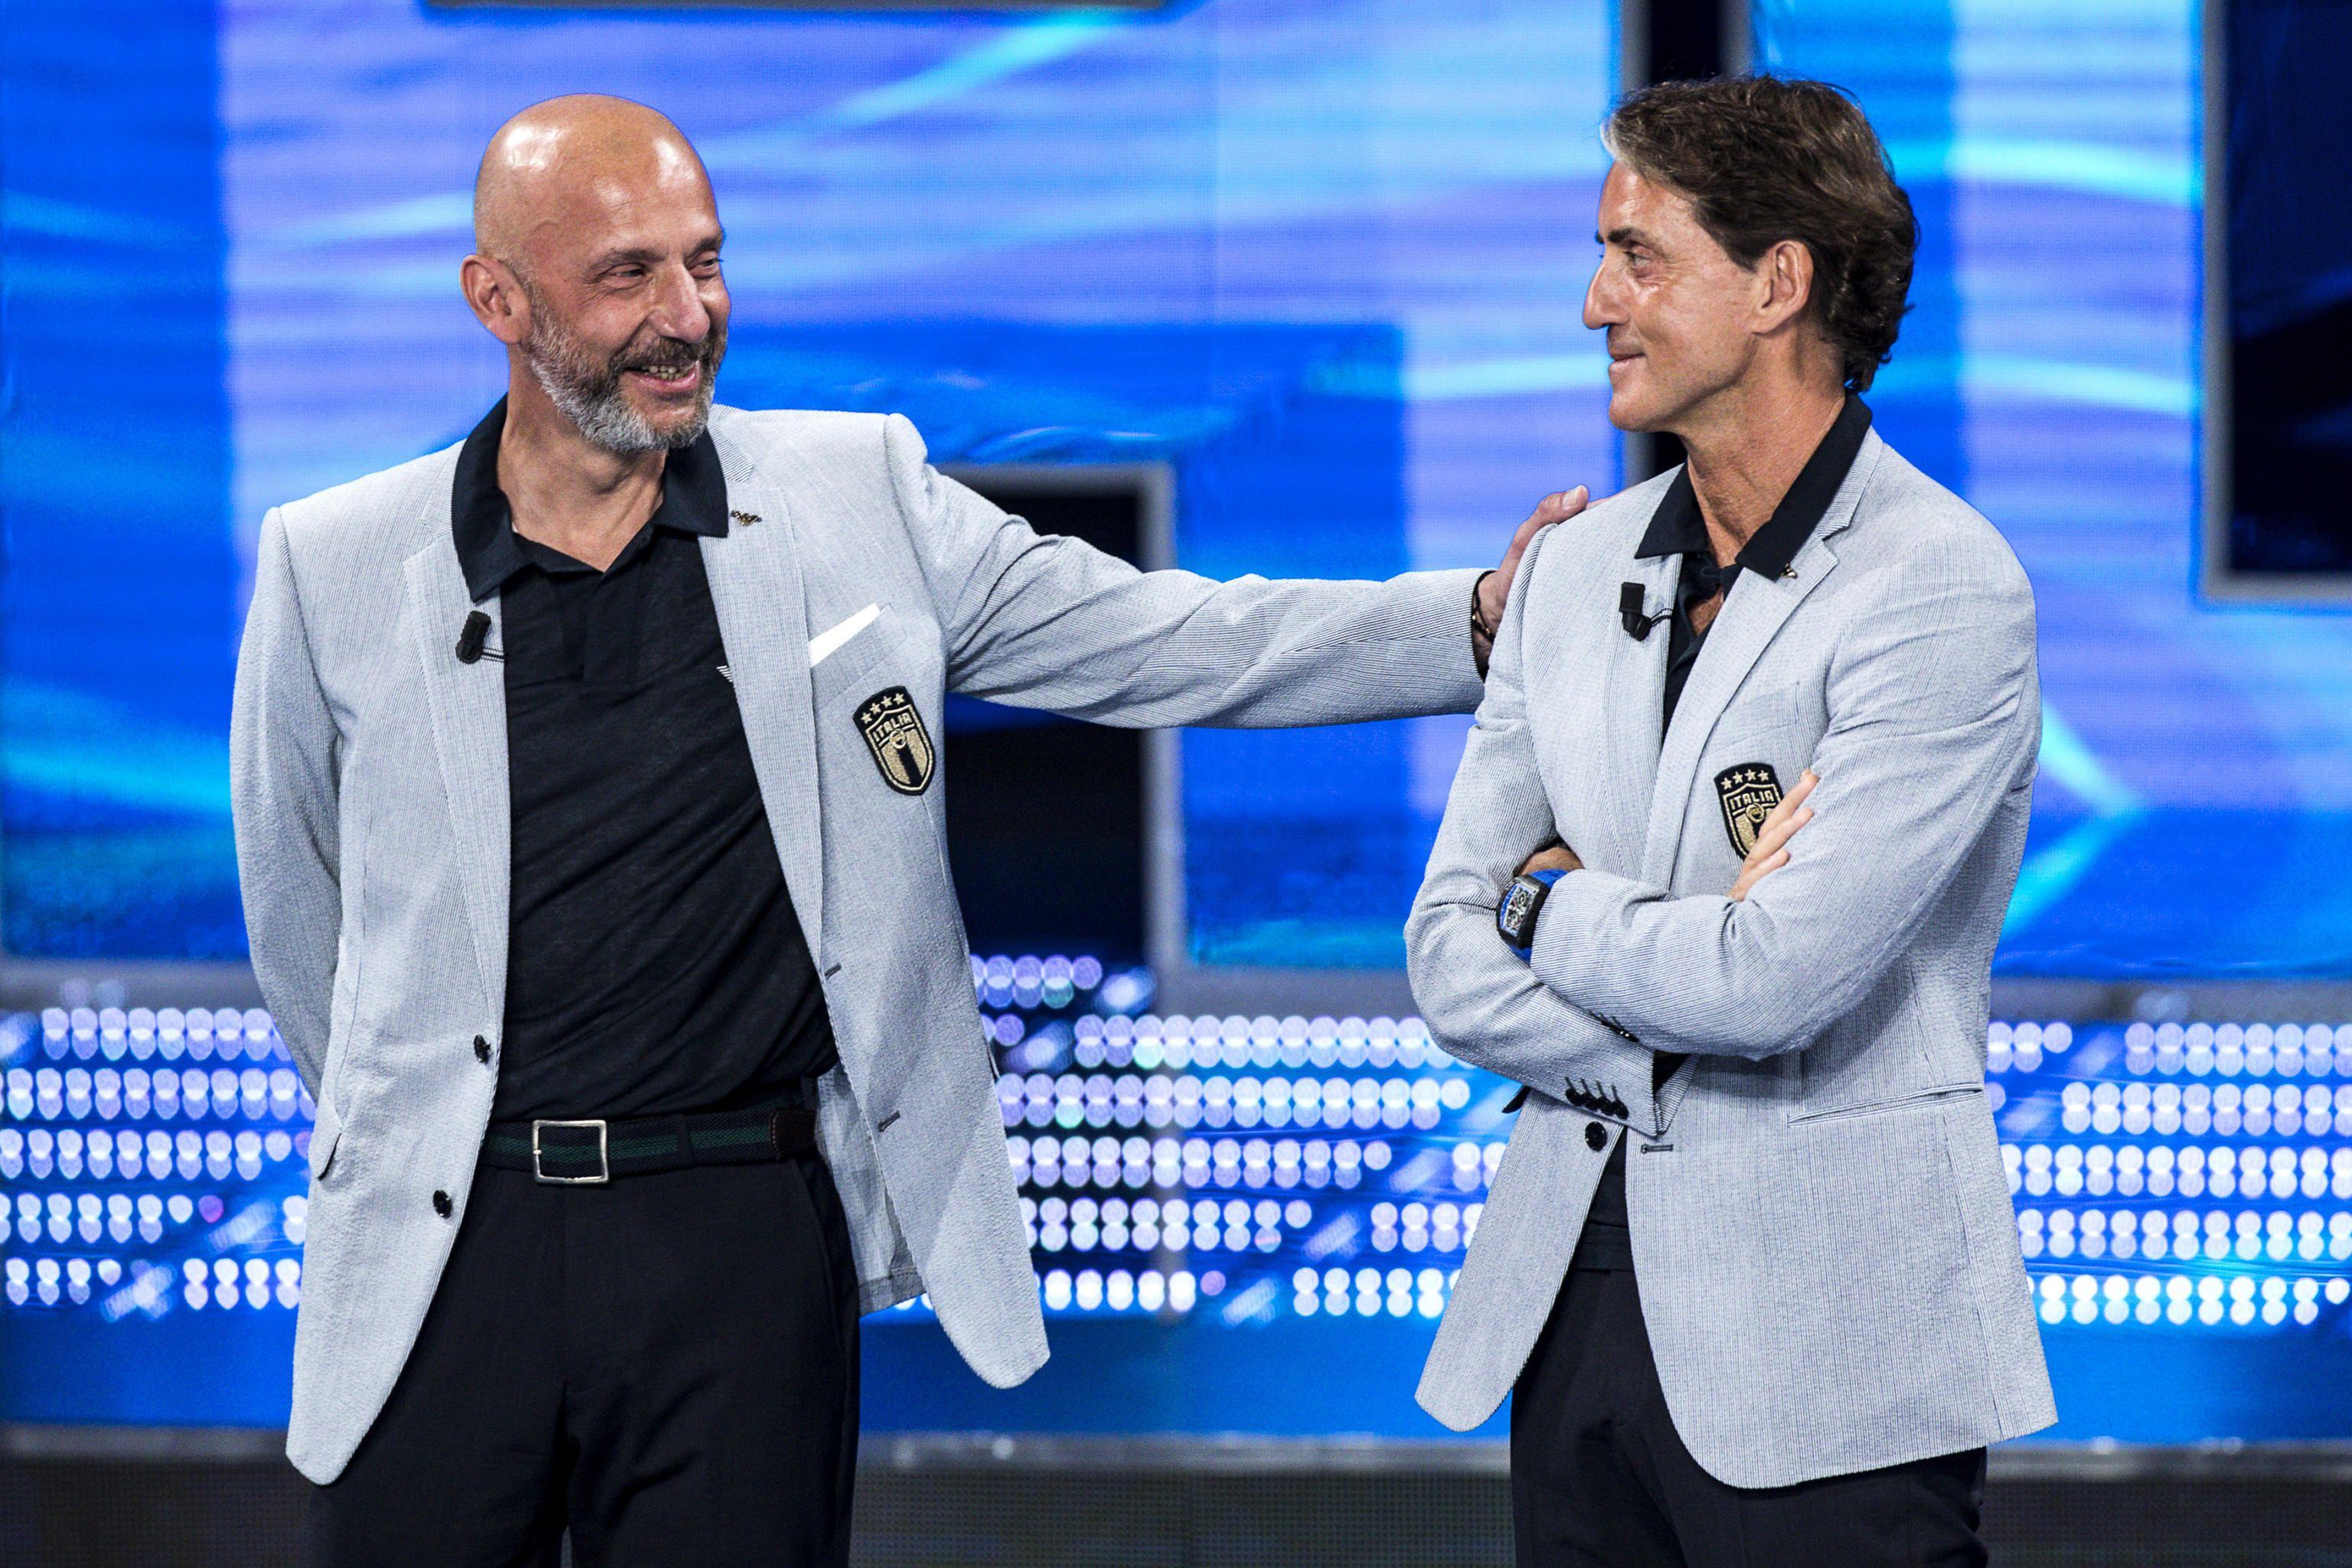 L'abbraccio fra Mancini e Vialli in Italia-Austria racconta la storia della loro amicizia